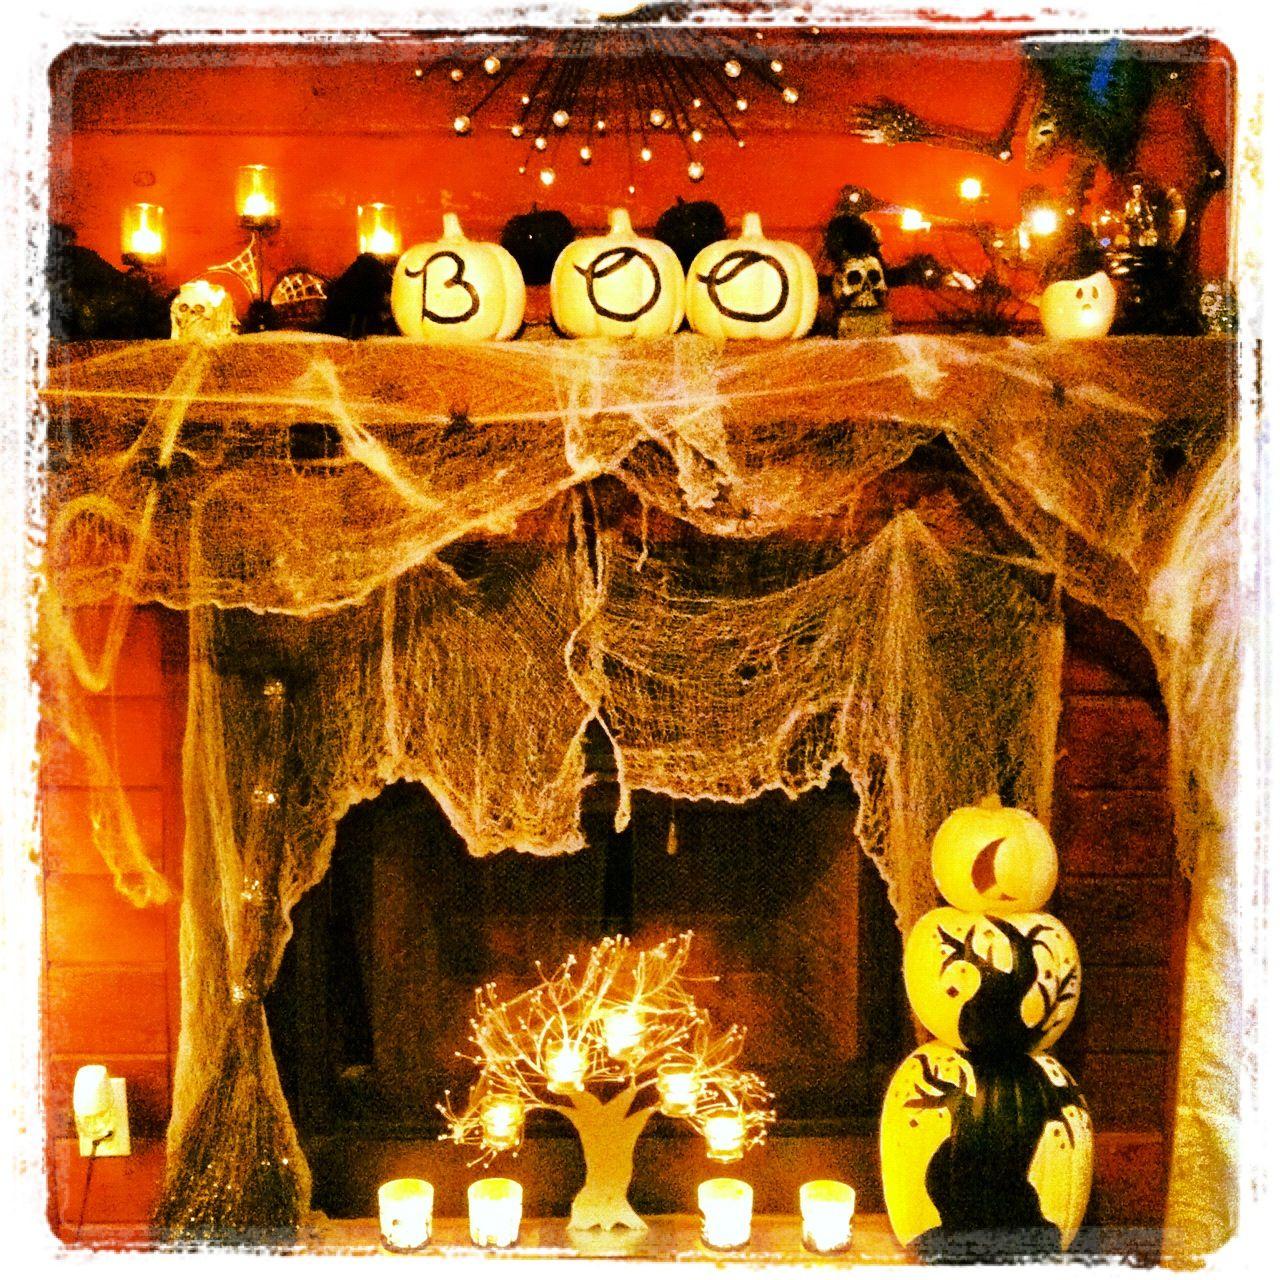 Halloween Decor Holidays Pinterest Halloween ideas, Halloween - fun halloween decorations